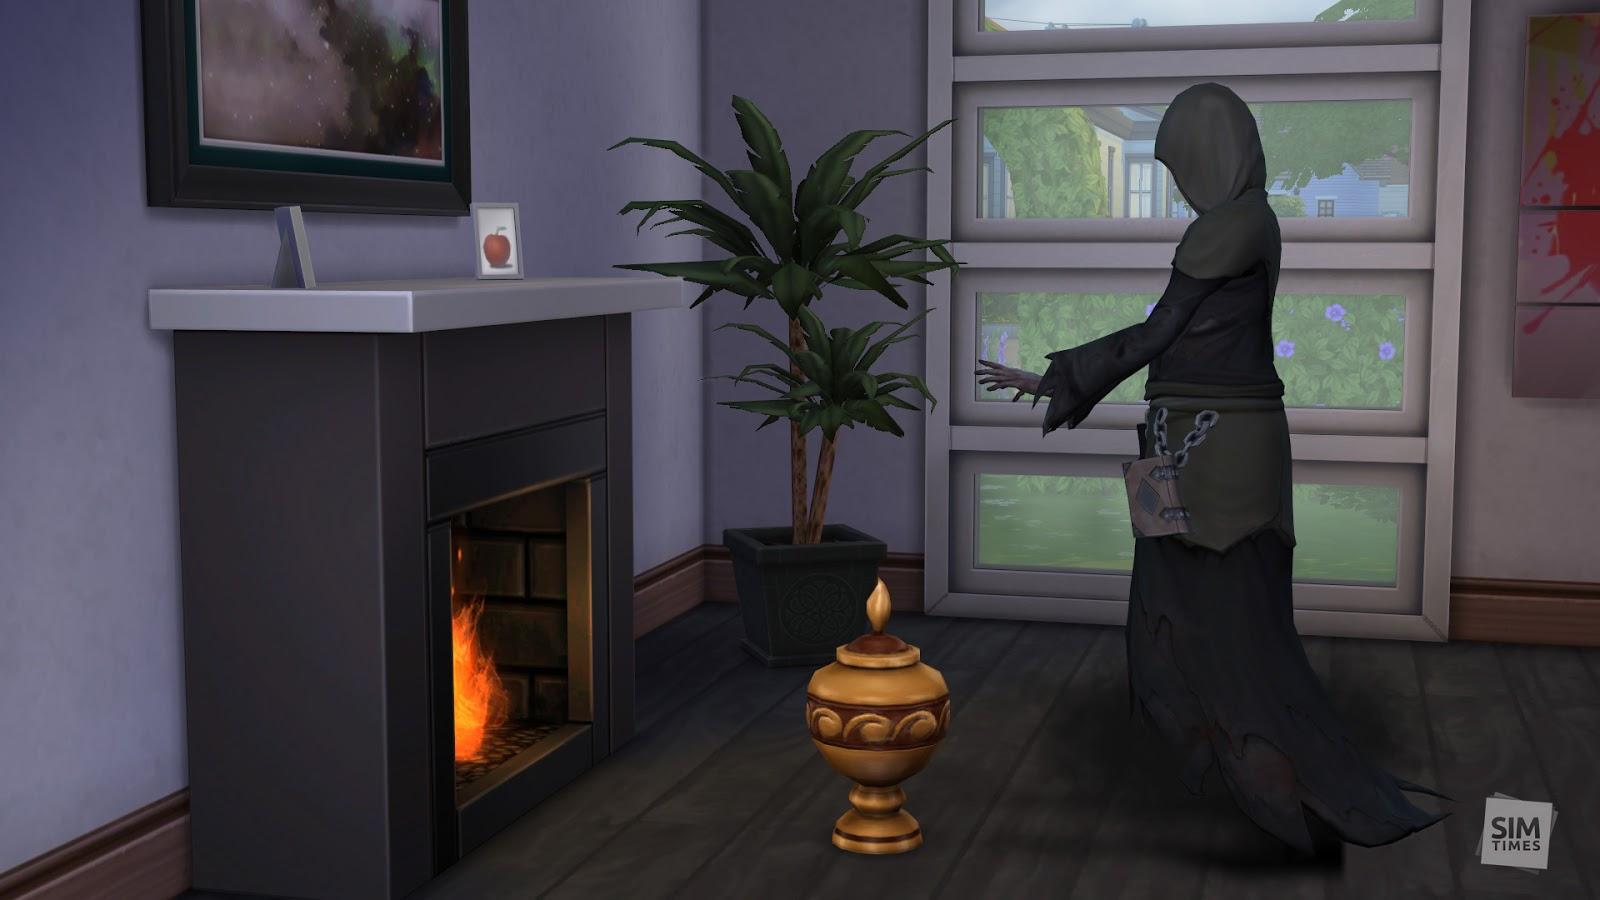 Información sobre los sims 4 - Página 2 Sims4-screenshot-178